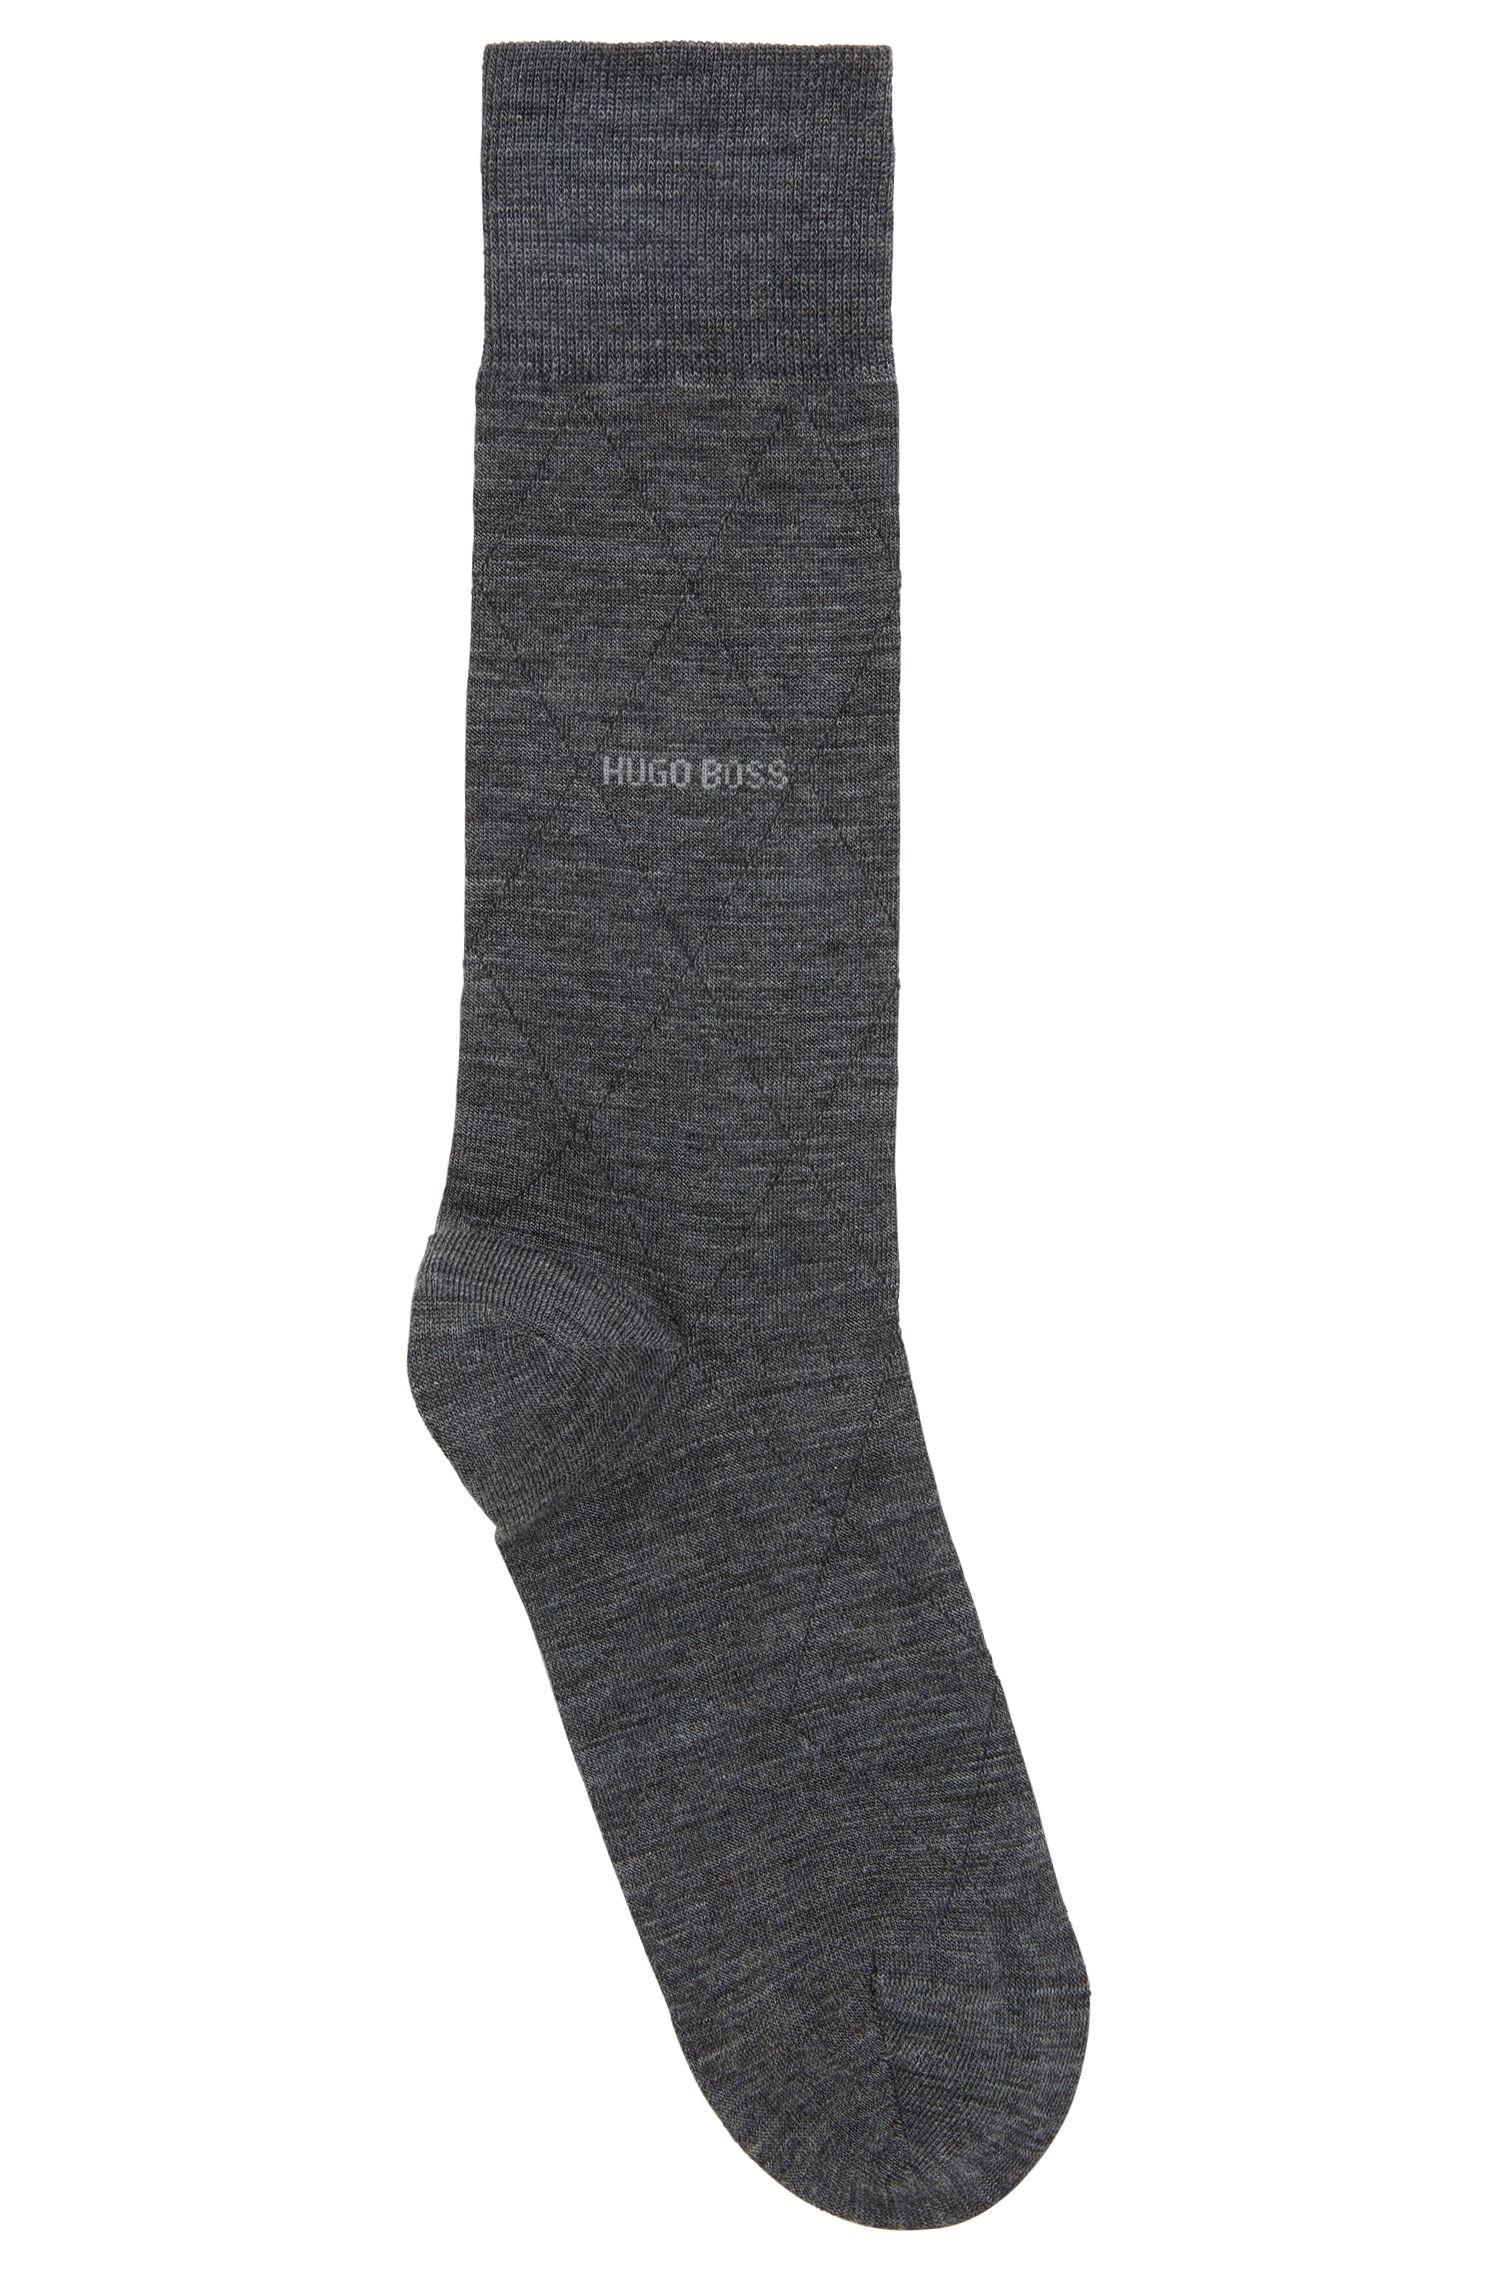 Leichte Socken aus elastischem Woll-Mix mit Baumwolle